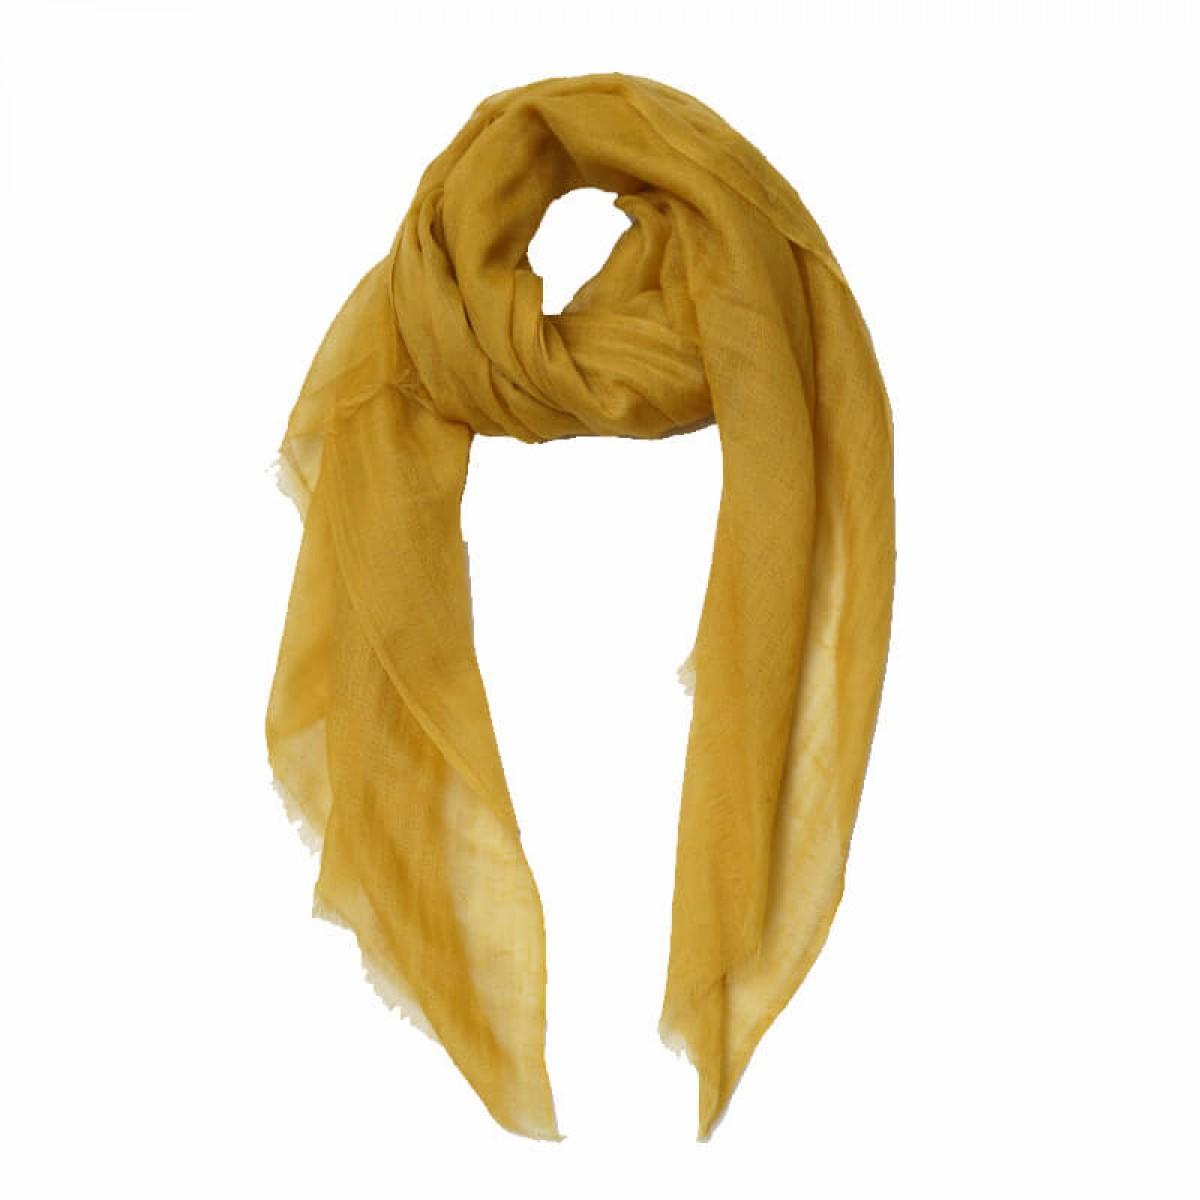 Light brown sheer pashmina scarf